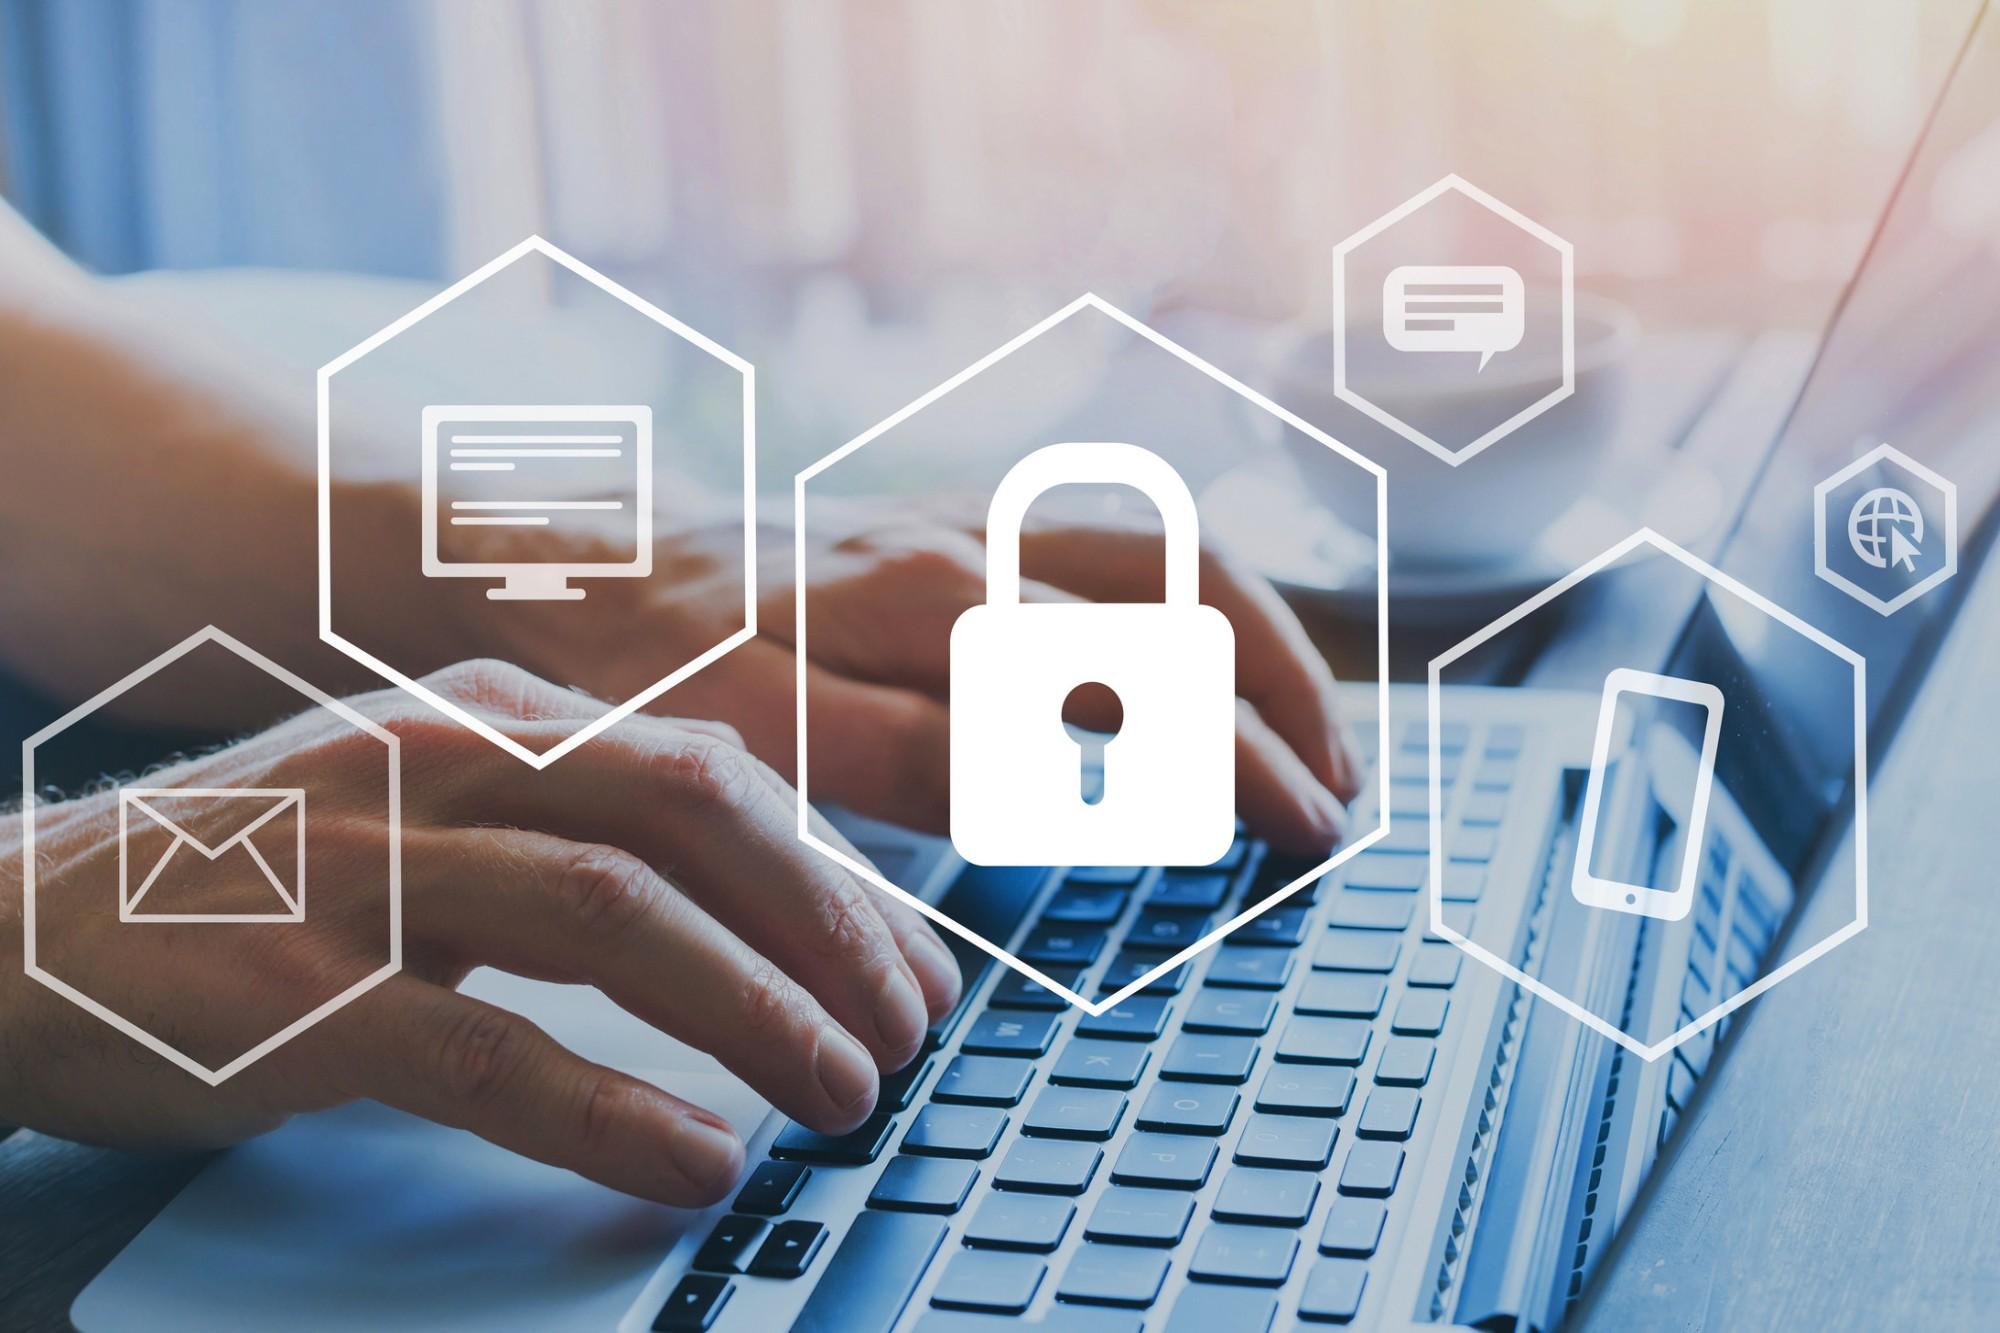 Como usar a gestão documental para promover a proteção de informações confidenciais?